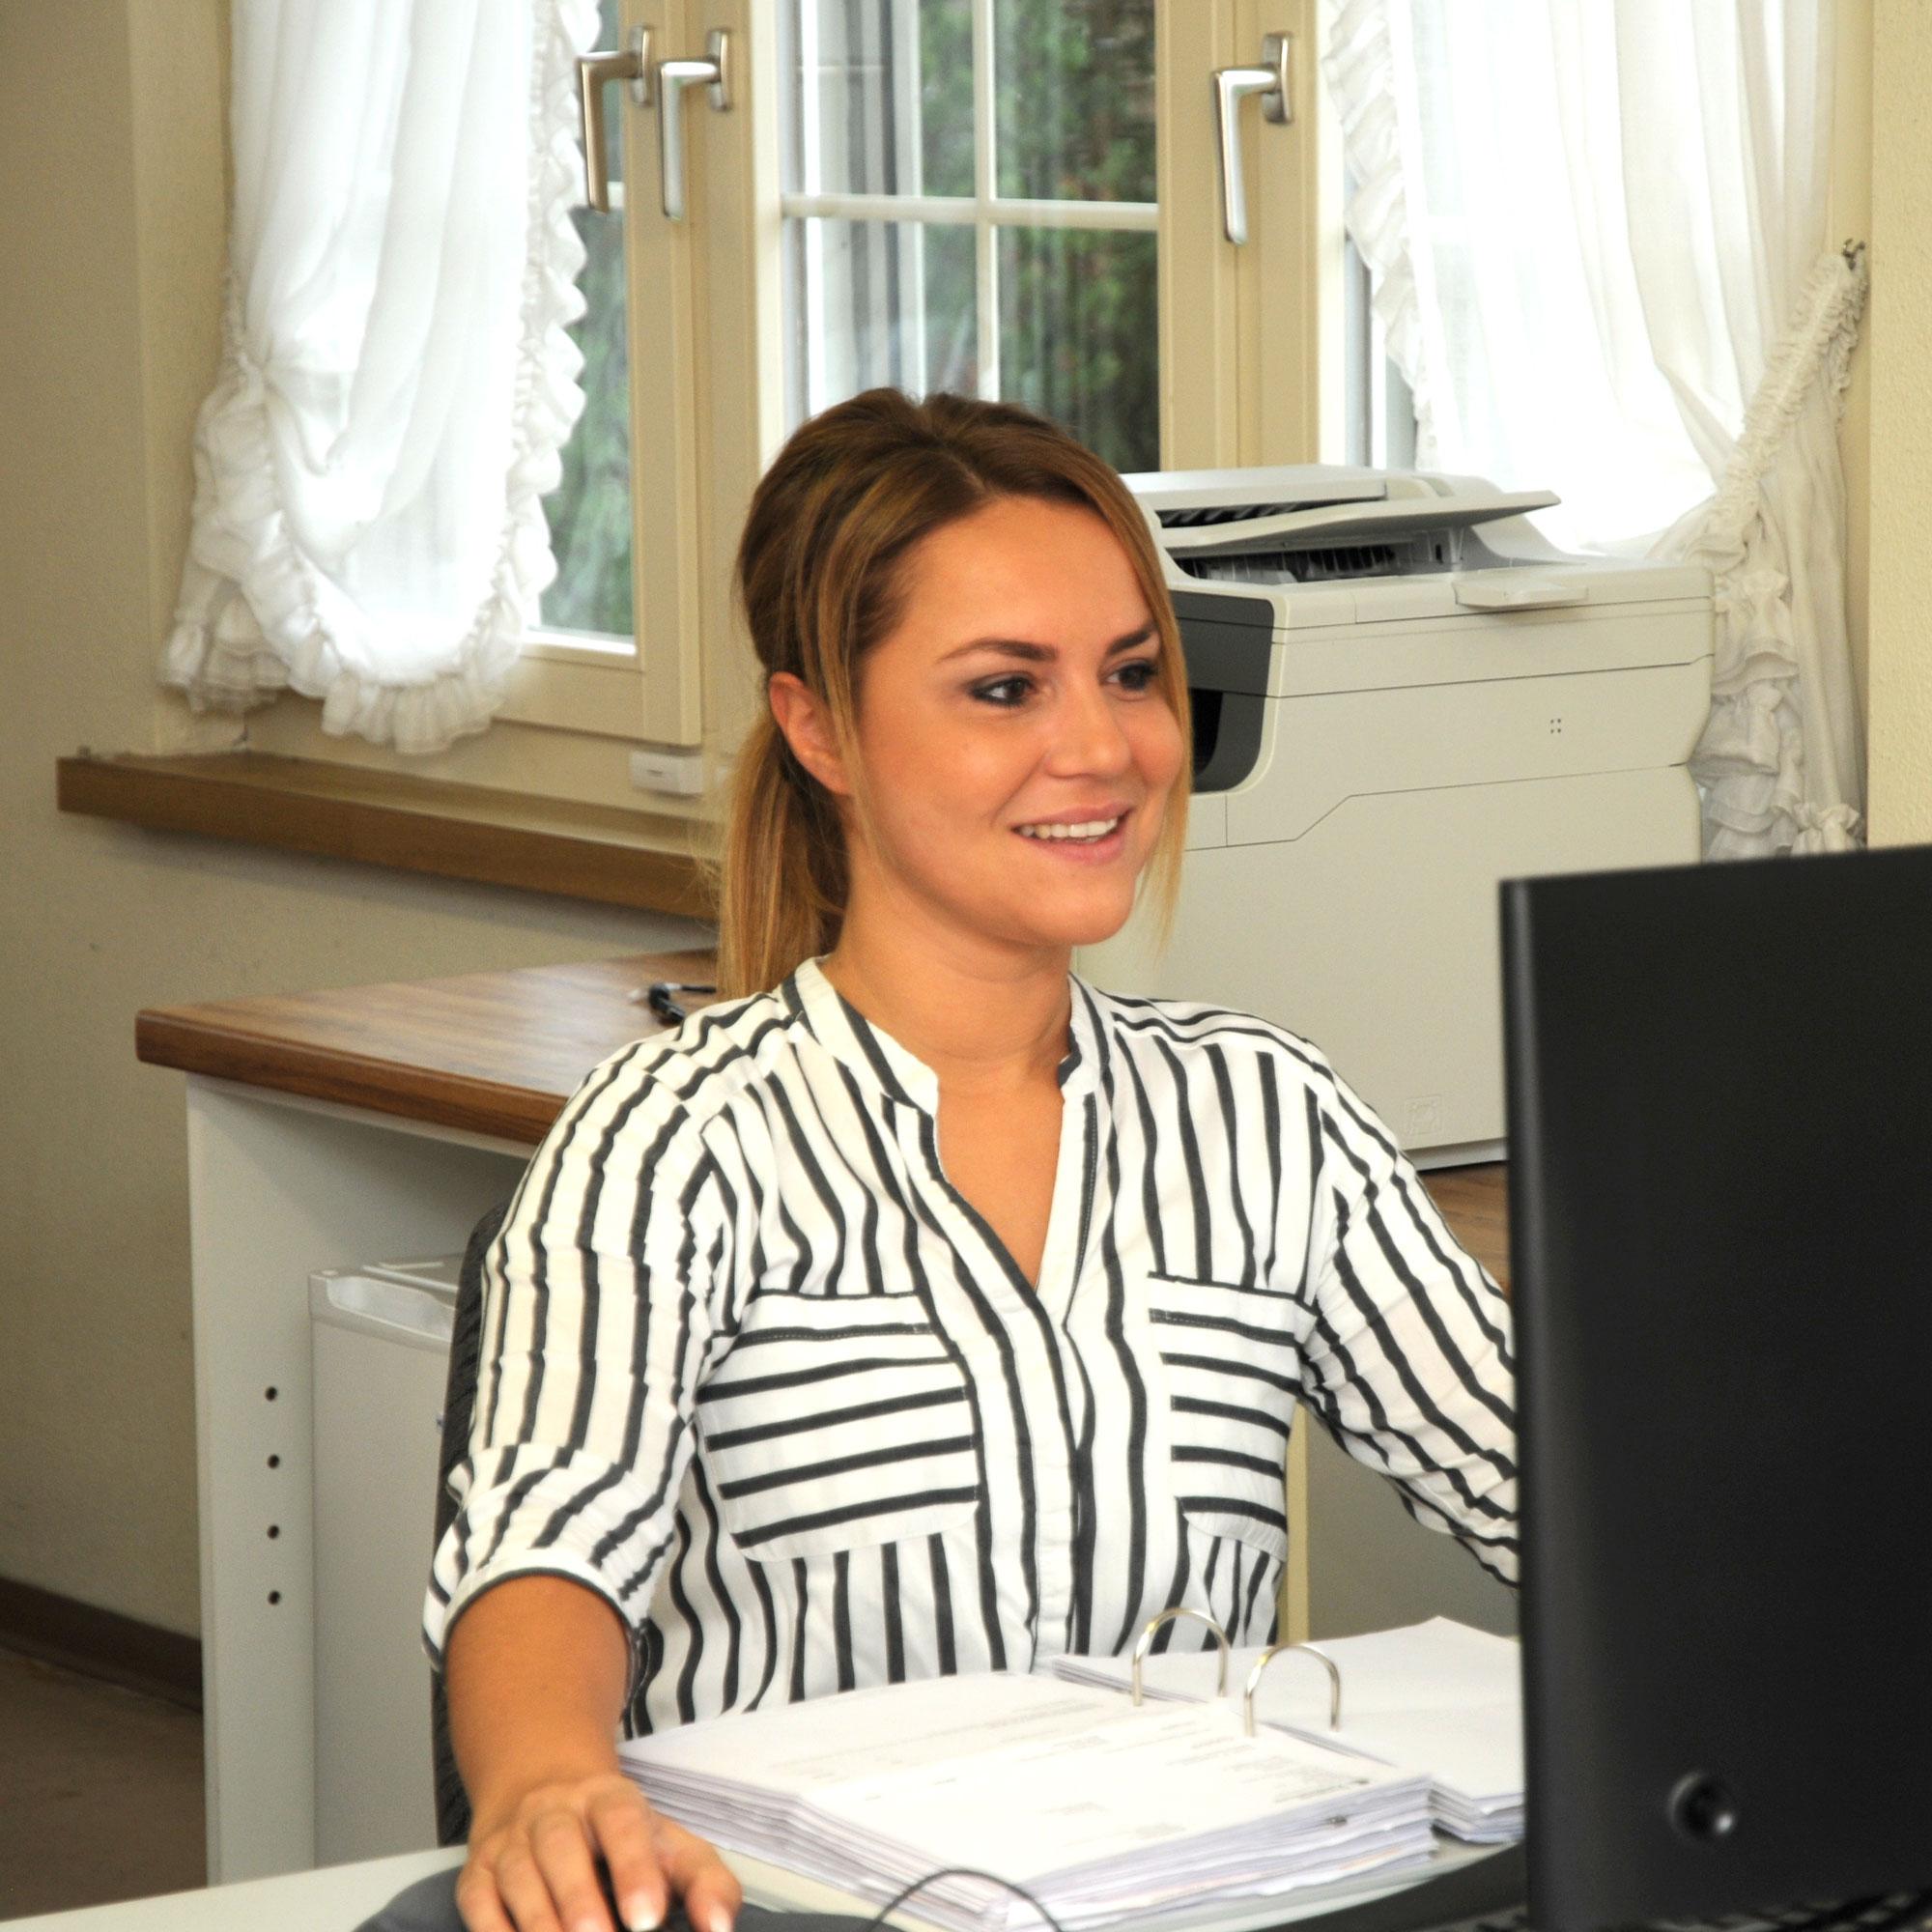 Indira Marazzi